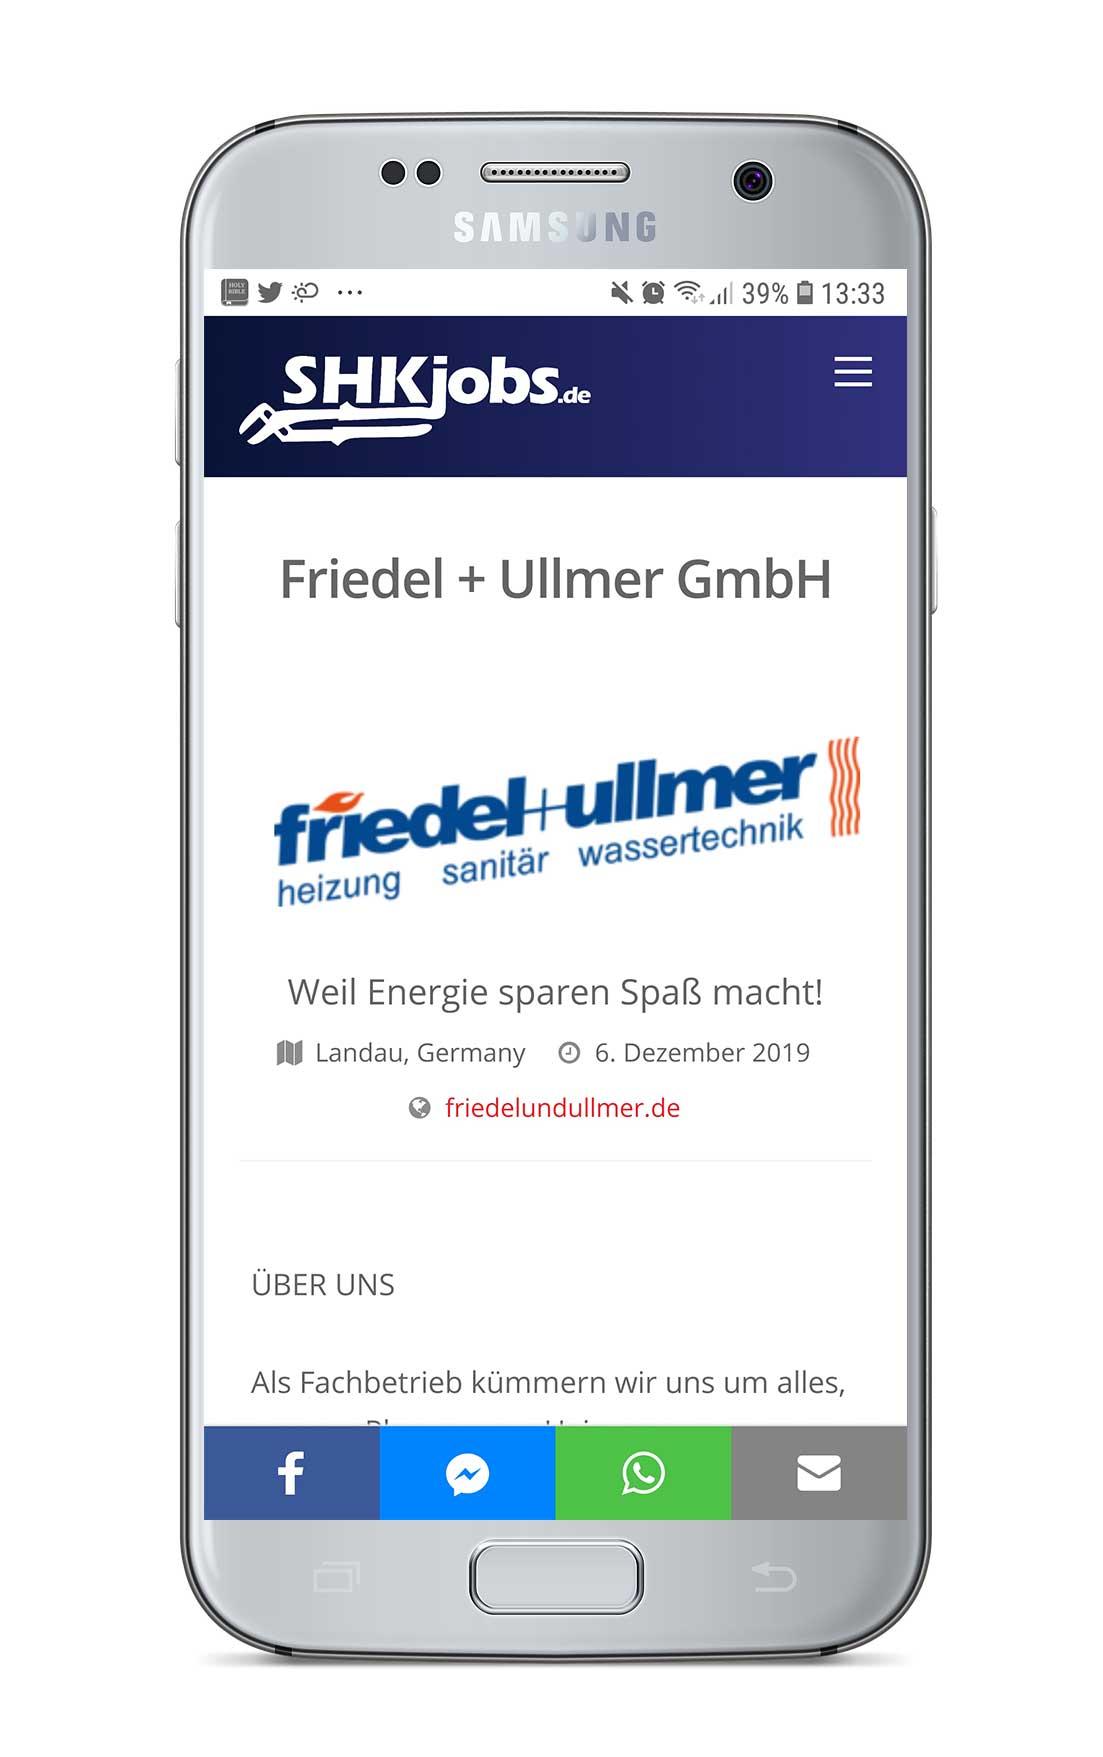 Firmenprofil erstellen auf SHKjobs.de